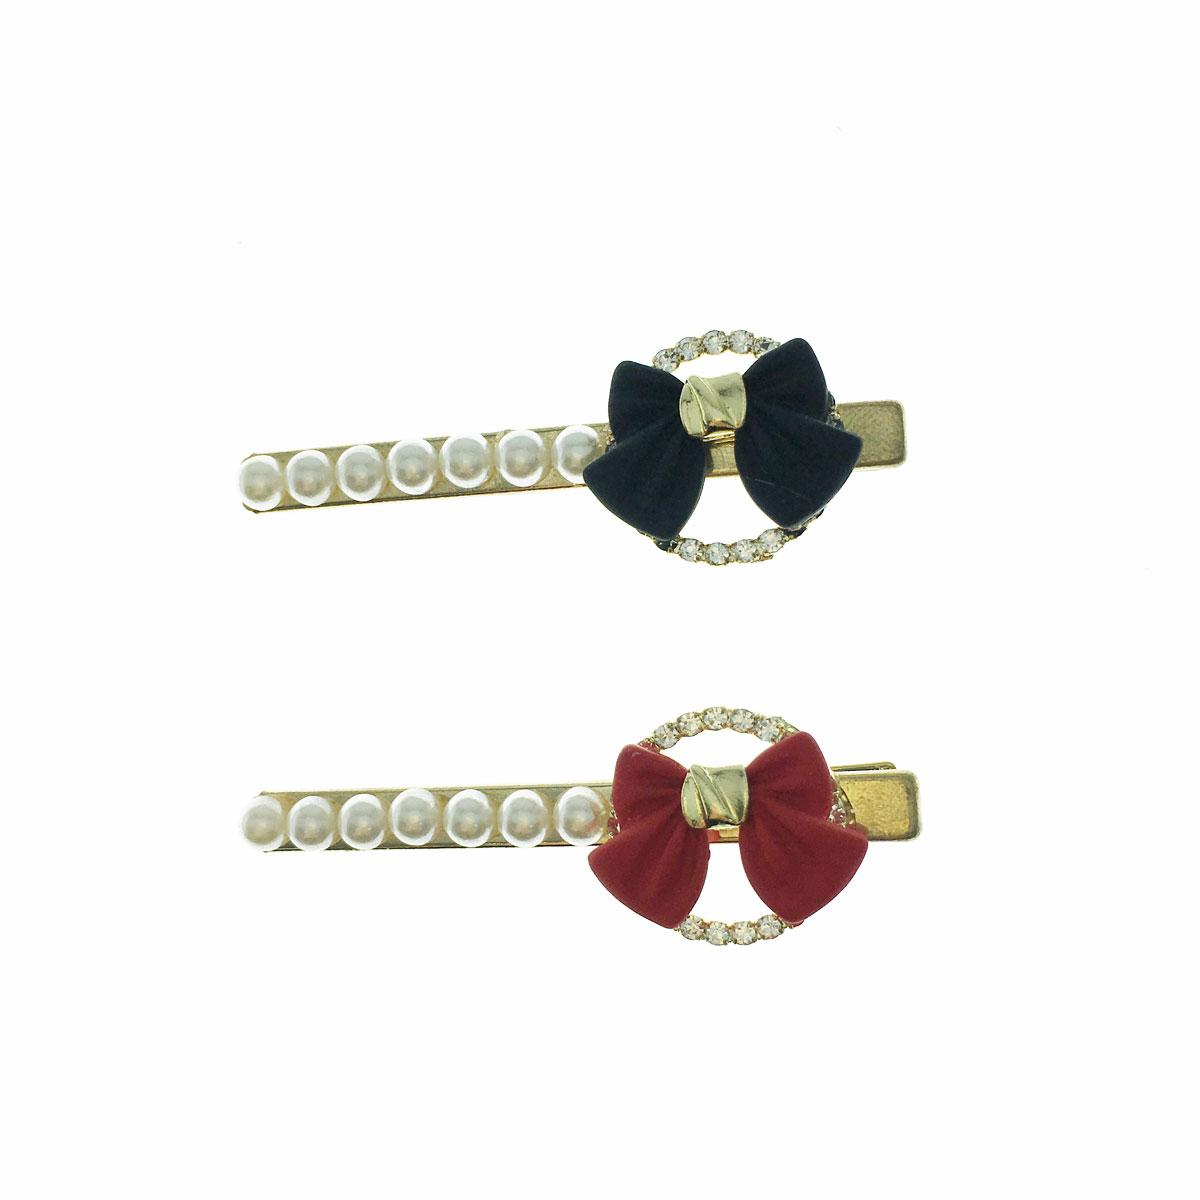 韓國 水鑽 珍珠 蝴蝶結 壓夾 髮飾